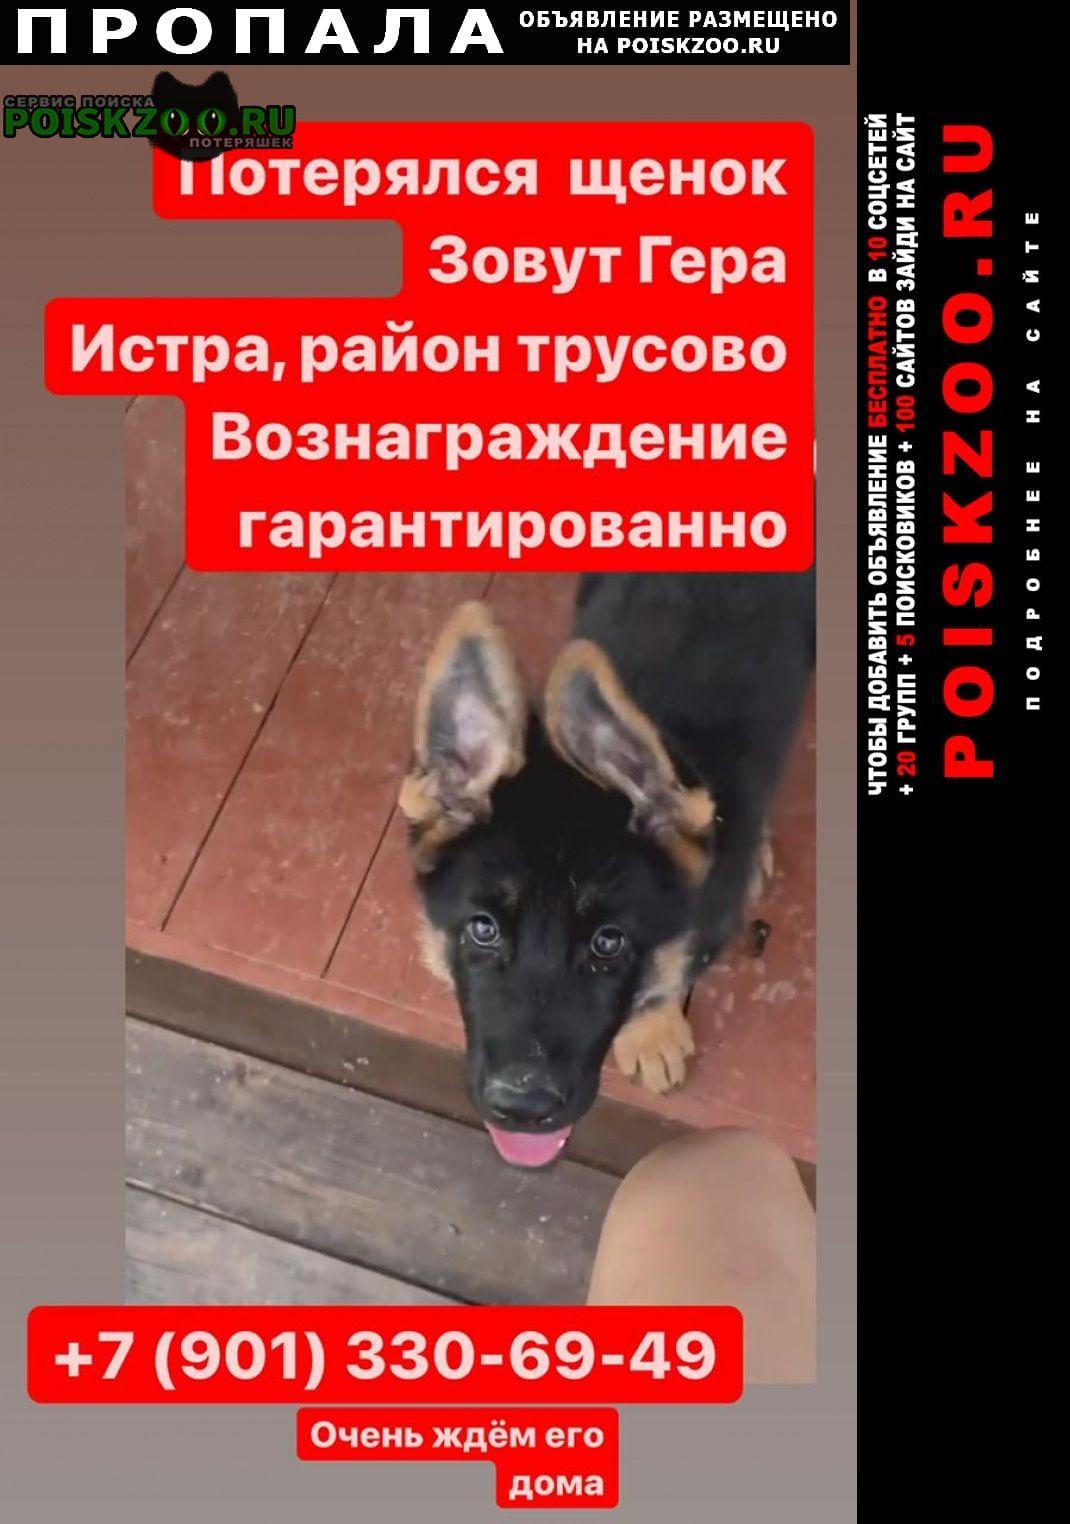 Пропала собака щенок Истра